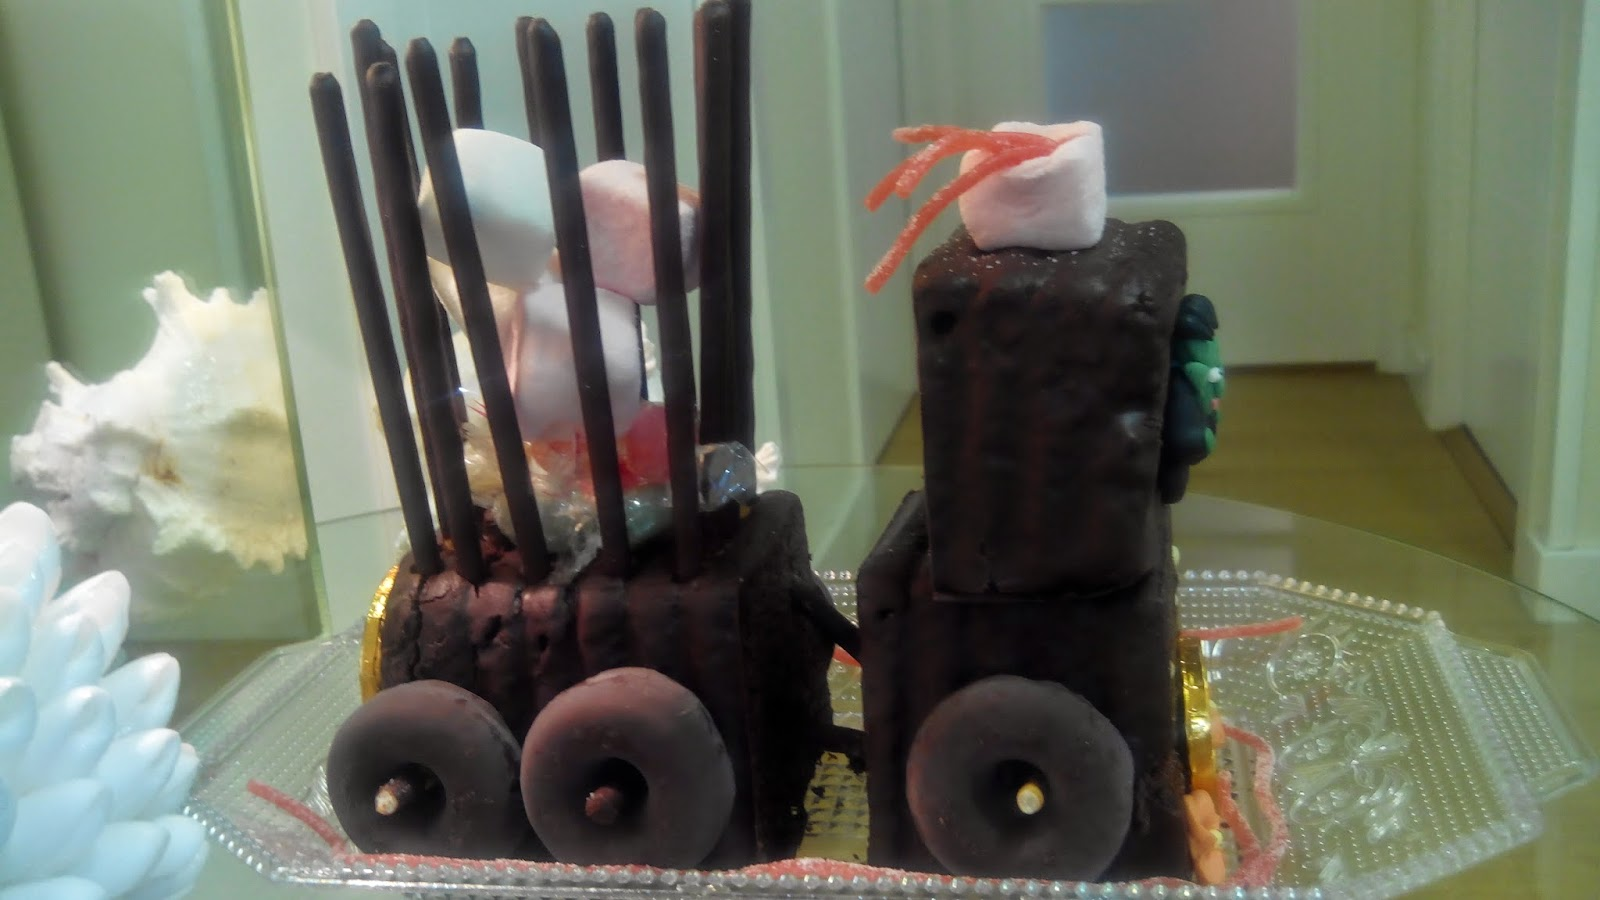 Tara tren de chocolate, Tarta tren, tarta niños, tarta divertida, tarta forma, tarta, chocolate, tren, tarta graciosa,tarta Halloween, Hallowenn